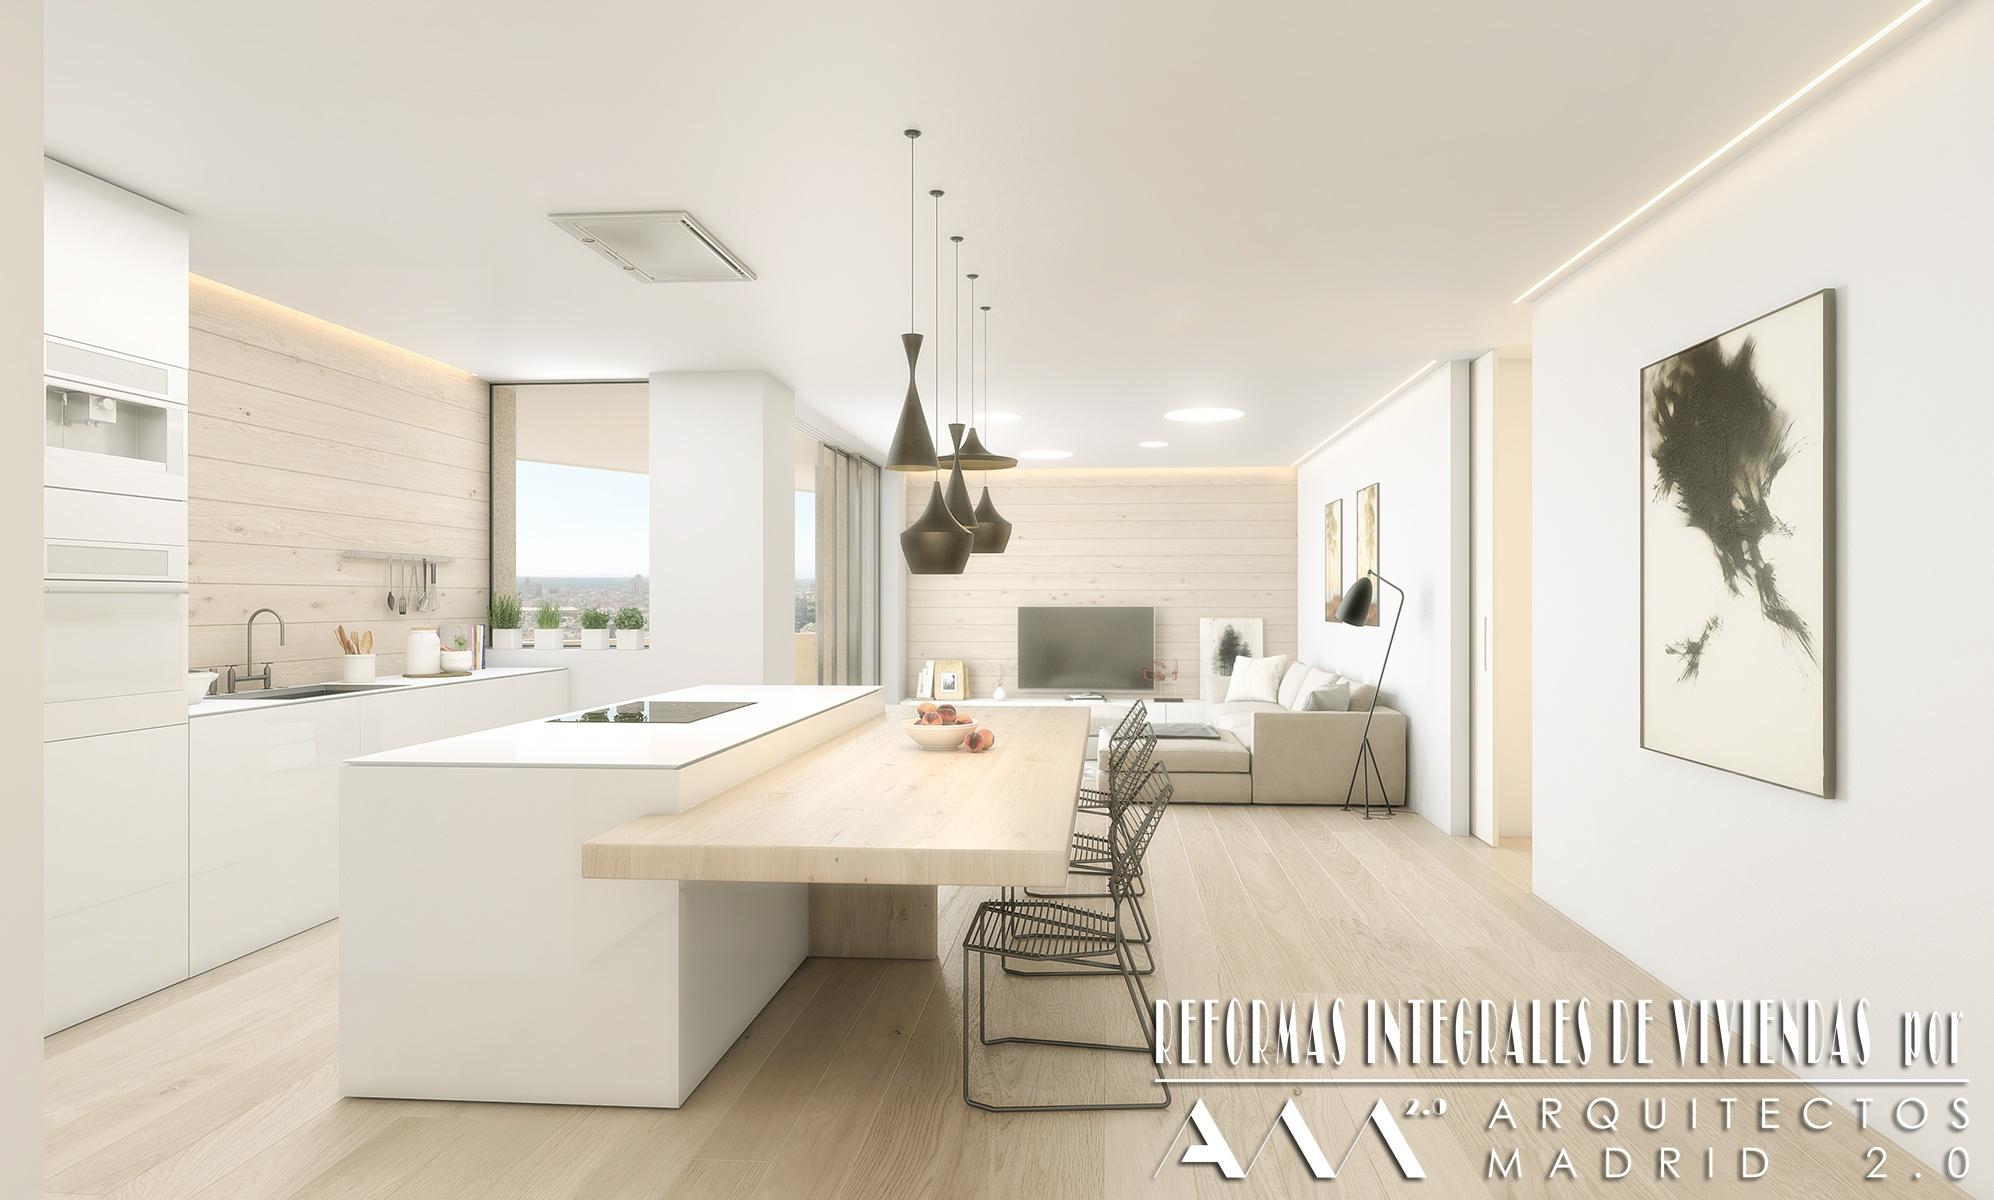 decoracion-interiores-reforma-estilo-moderno-minimalista